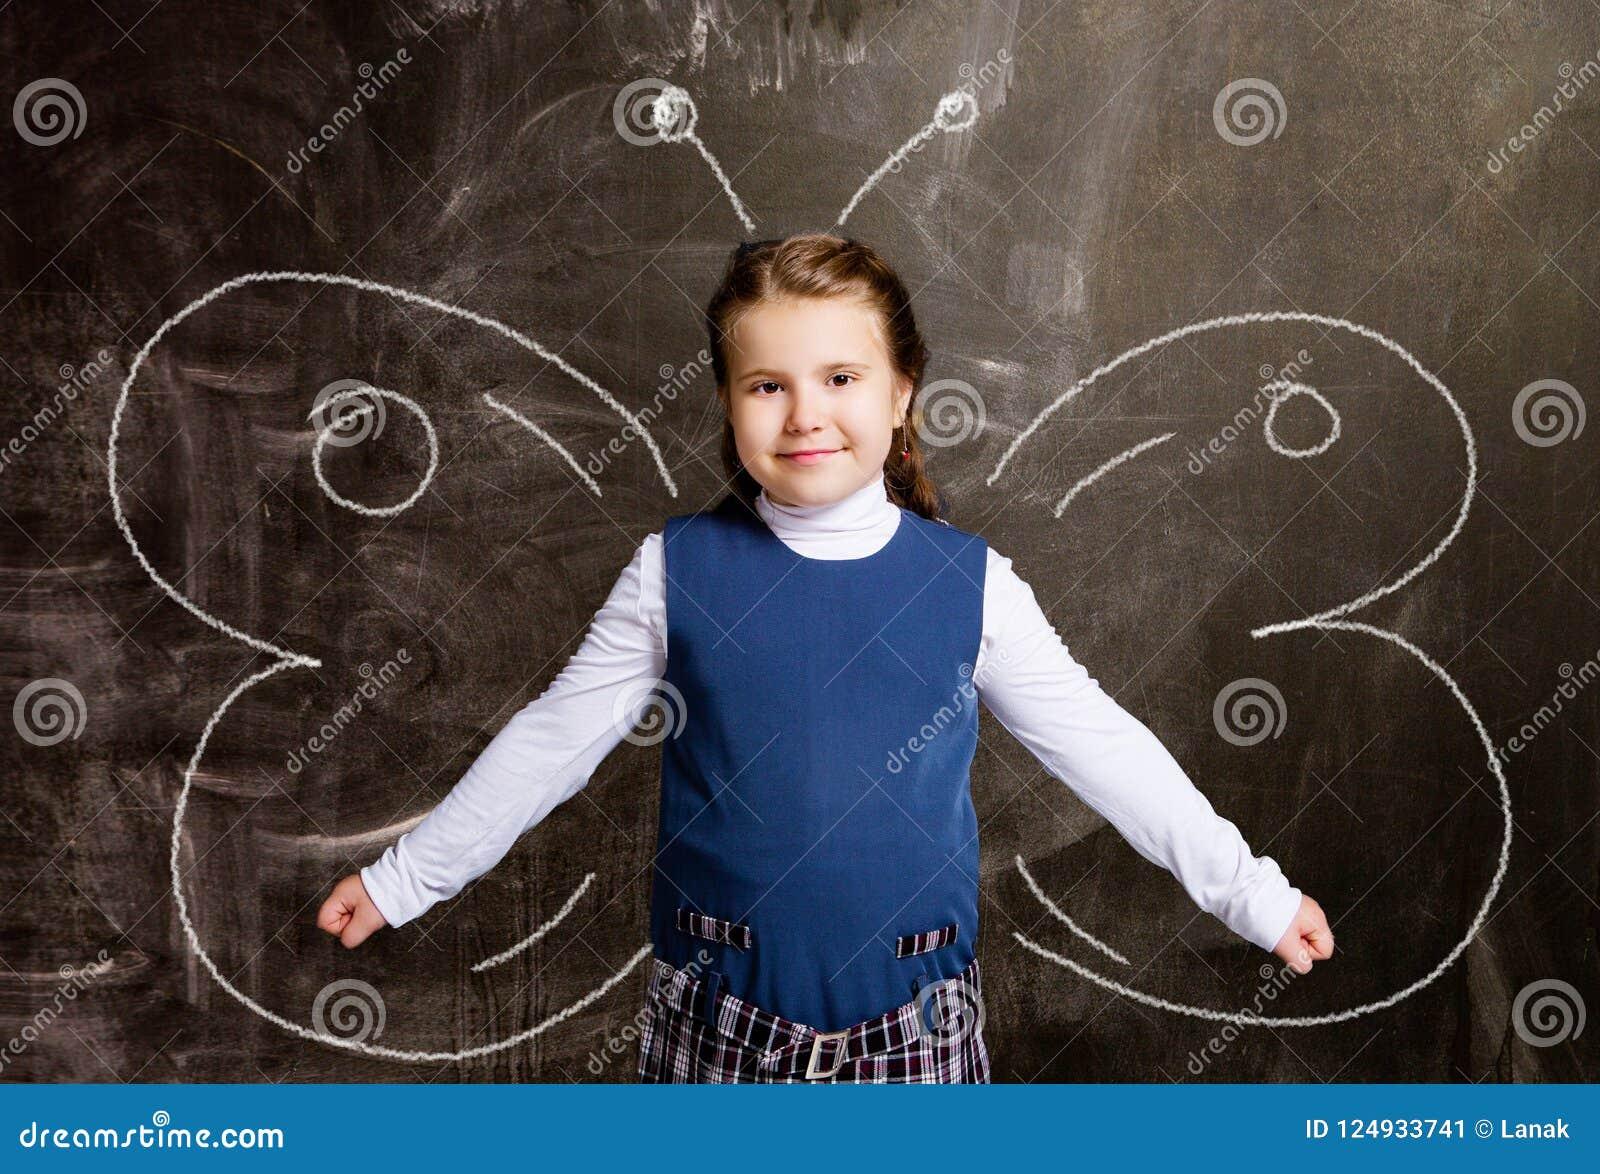 Schoolgirl against chalkboard, with butterfly wings